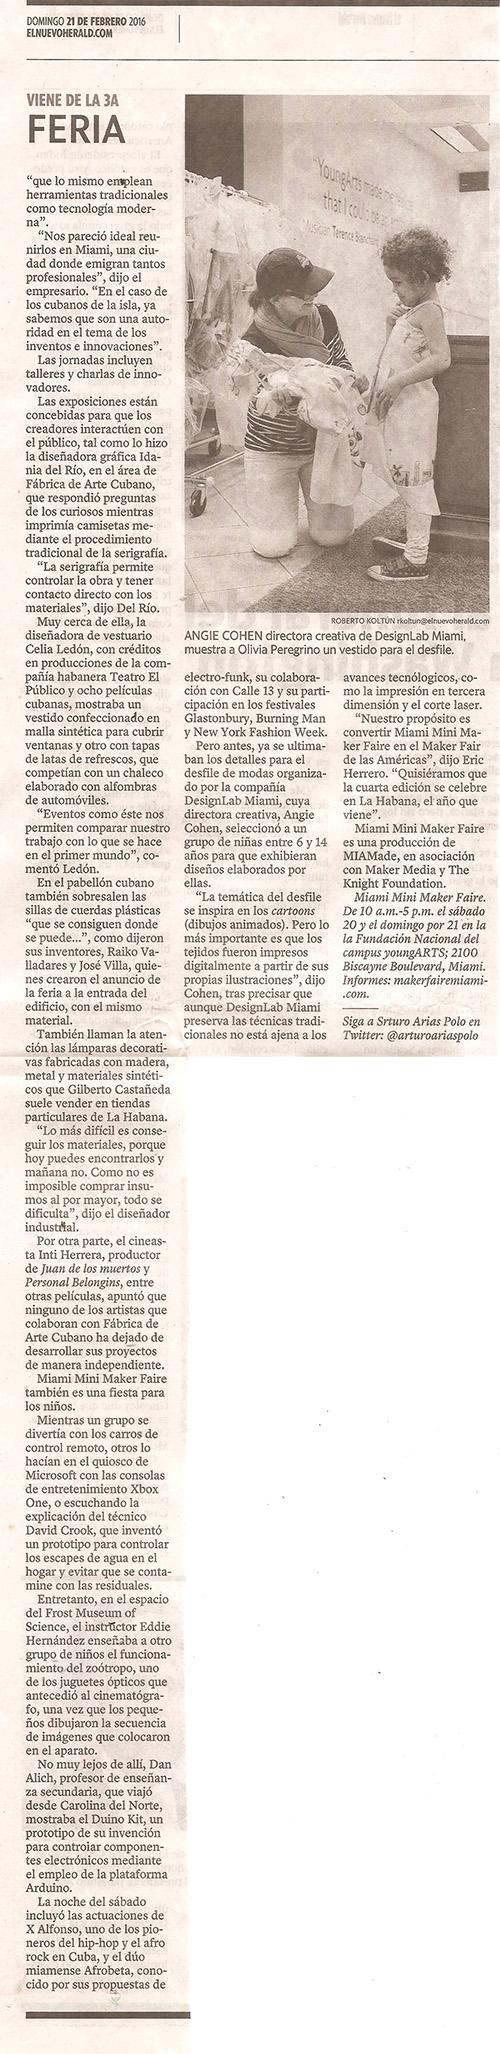 El Nuevo Herald article